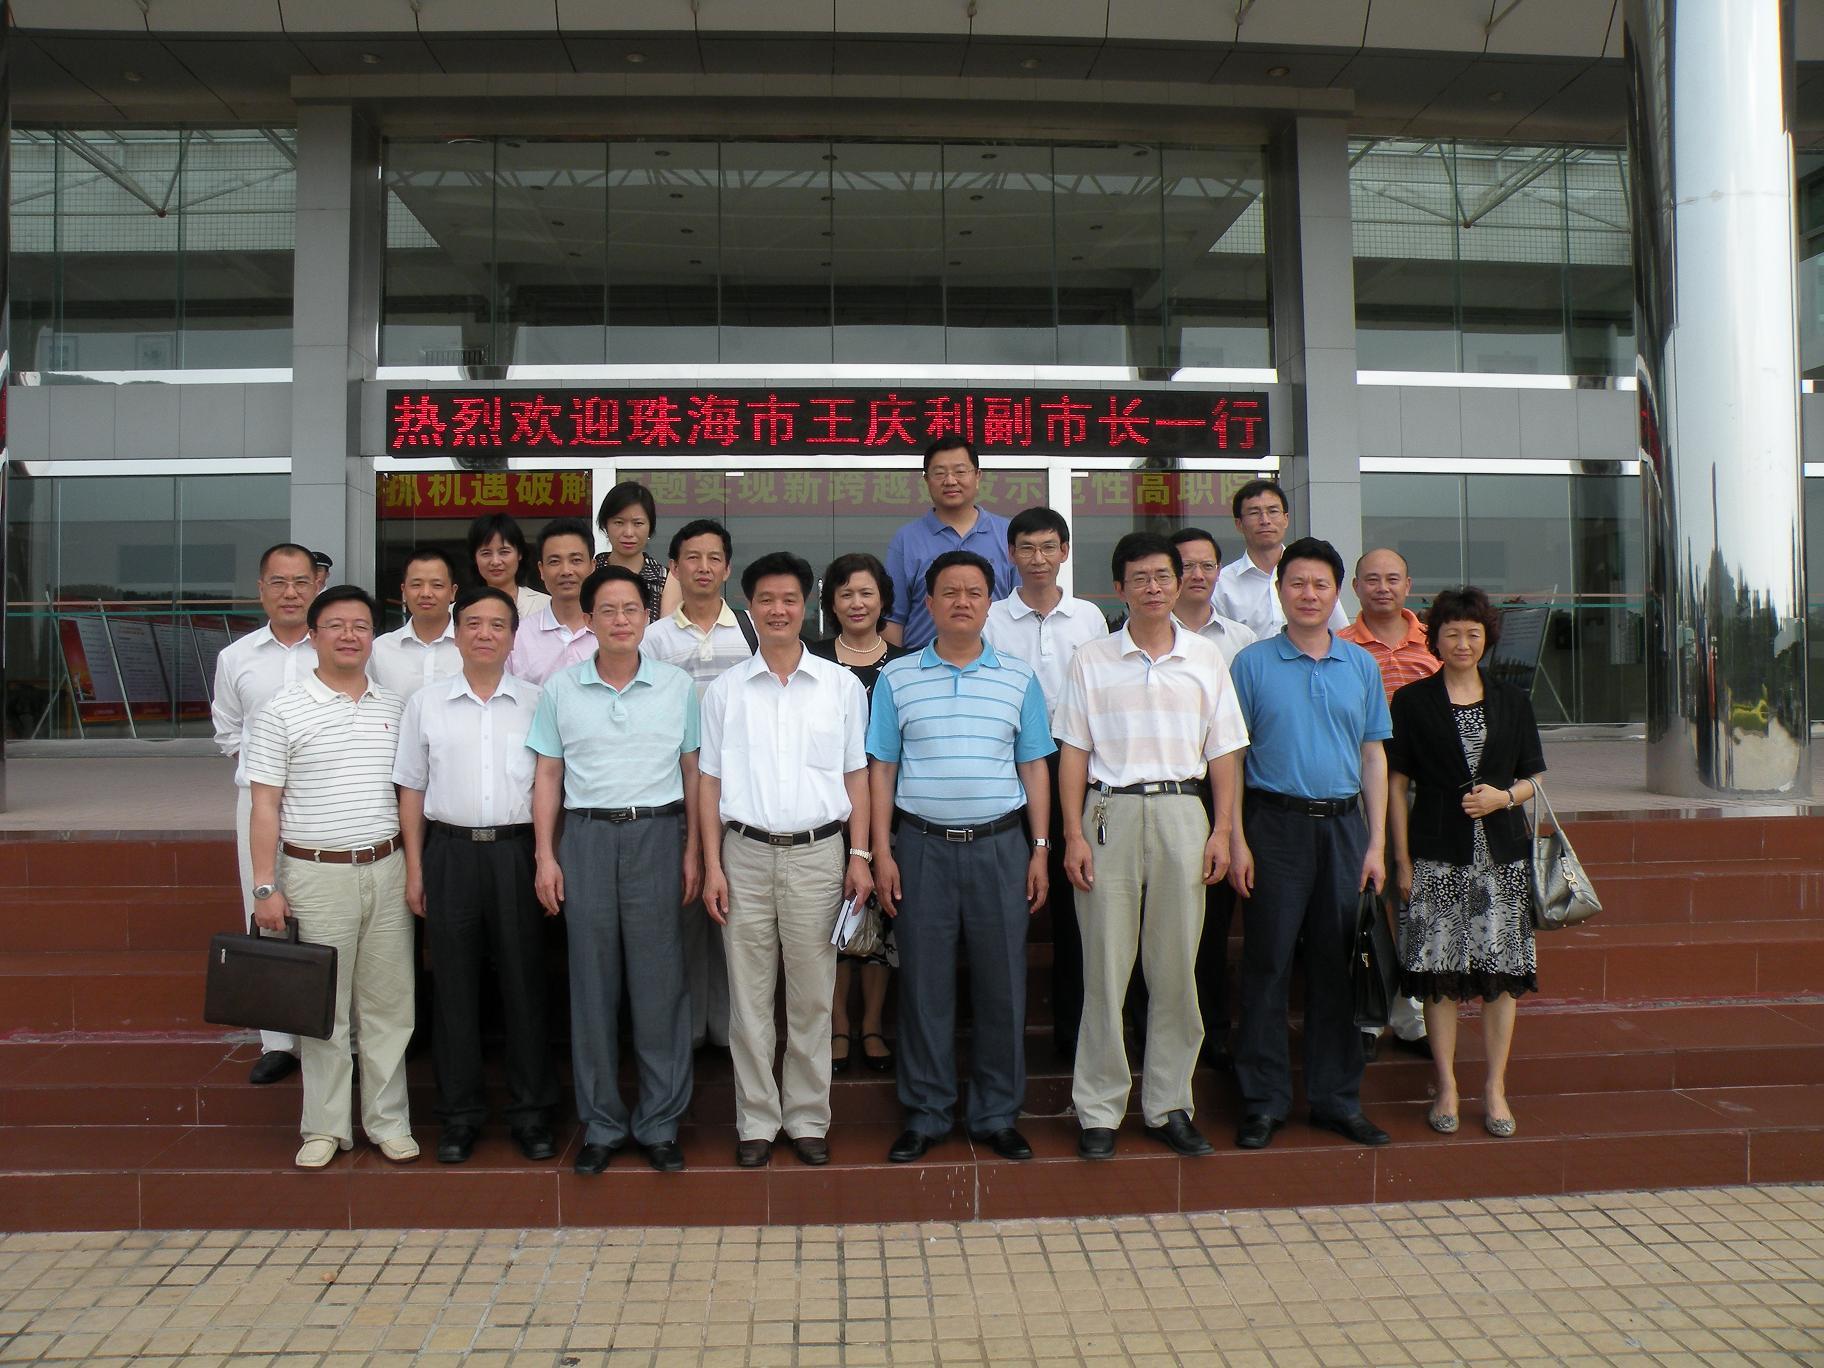 广东科学技术职业学院:珠海市副市长王庆利一行到学校